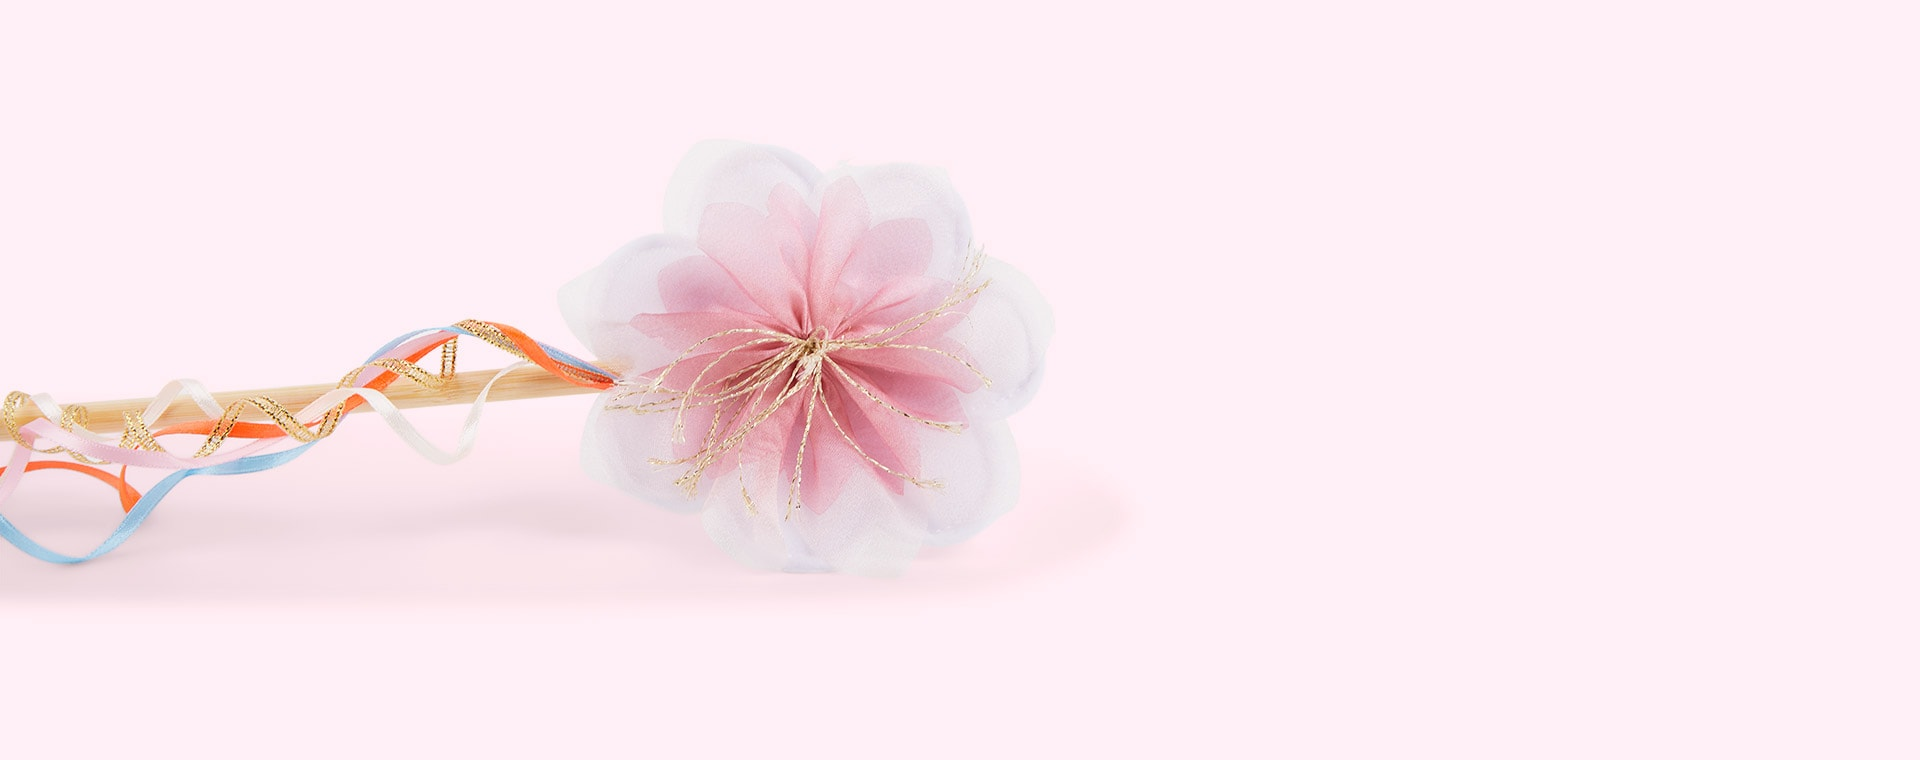 Multi Meri Meri Organza Flower Wings & Wand